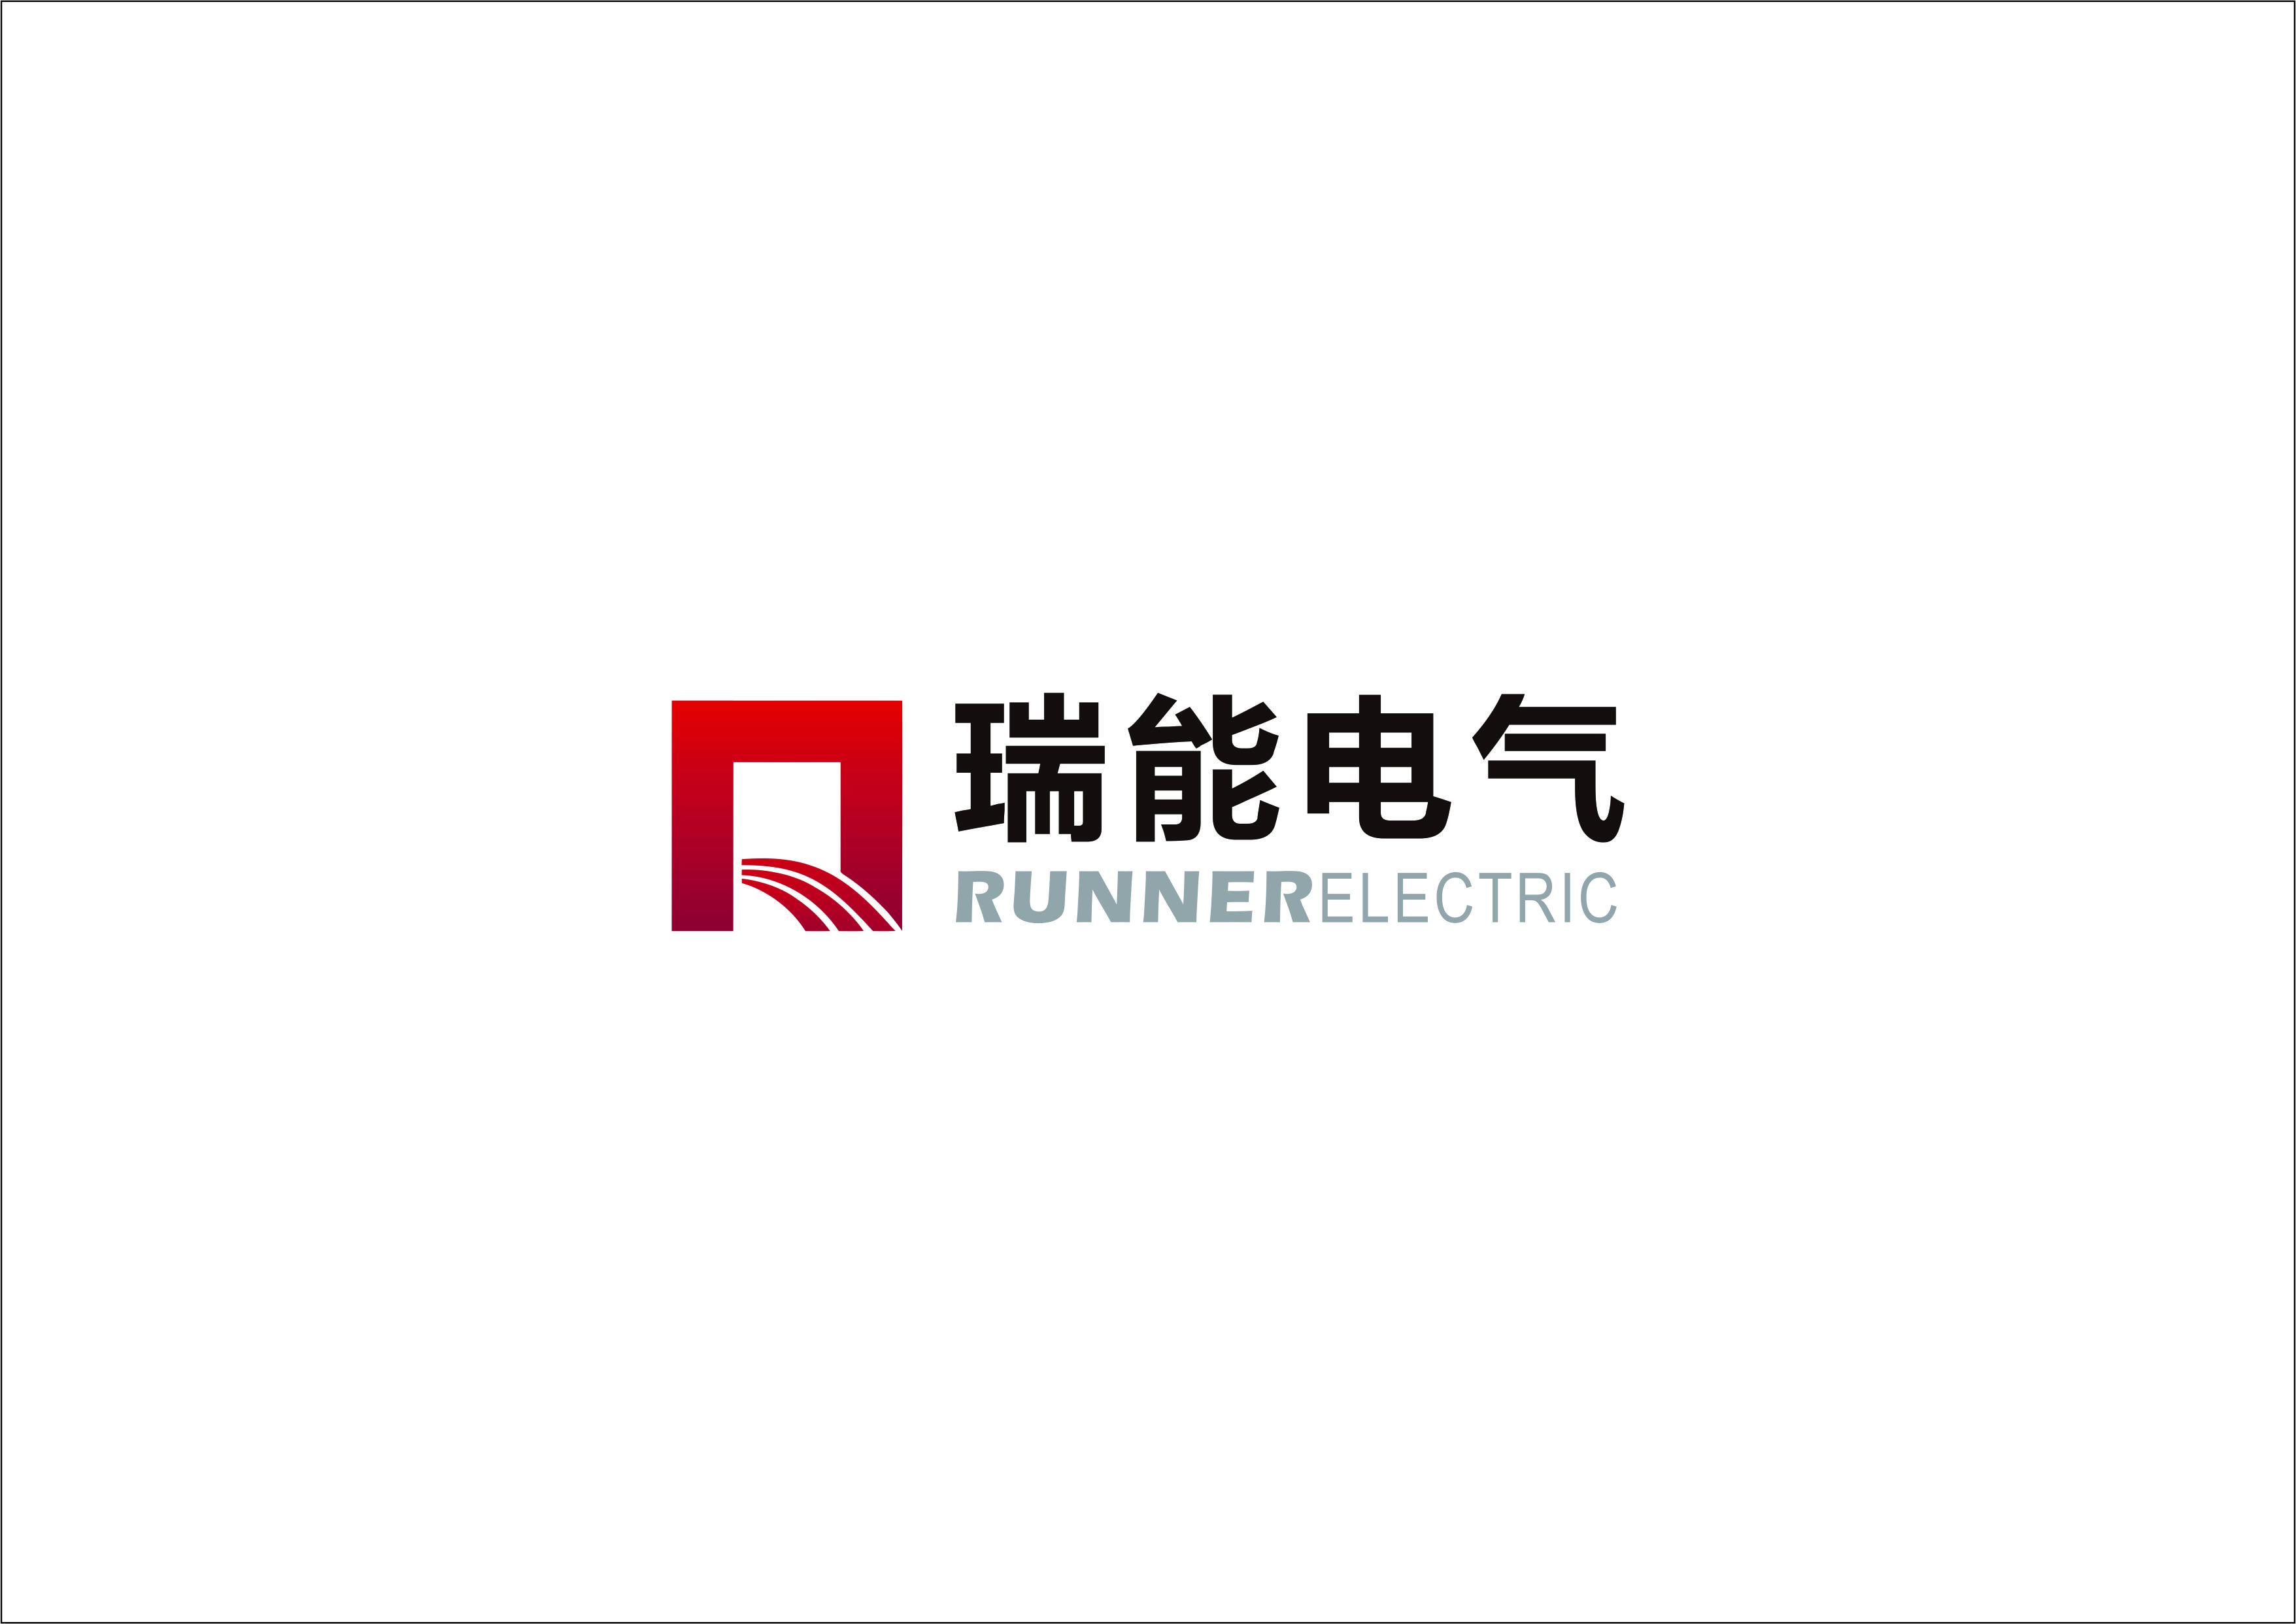 鄭州瑞能電氣有限公司